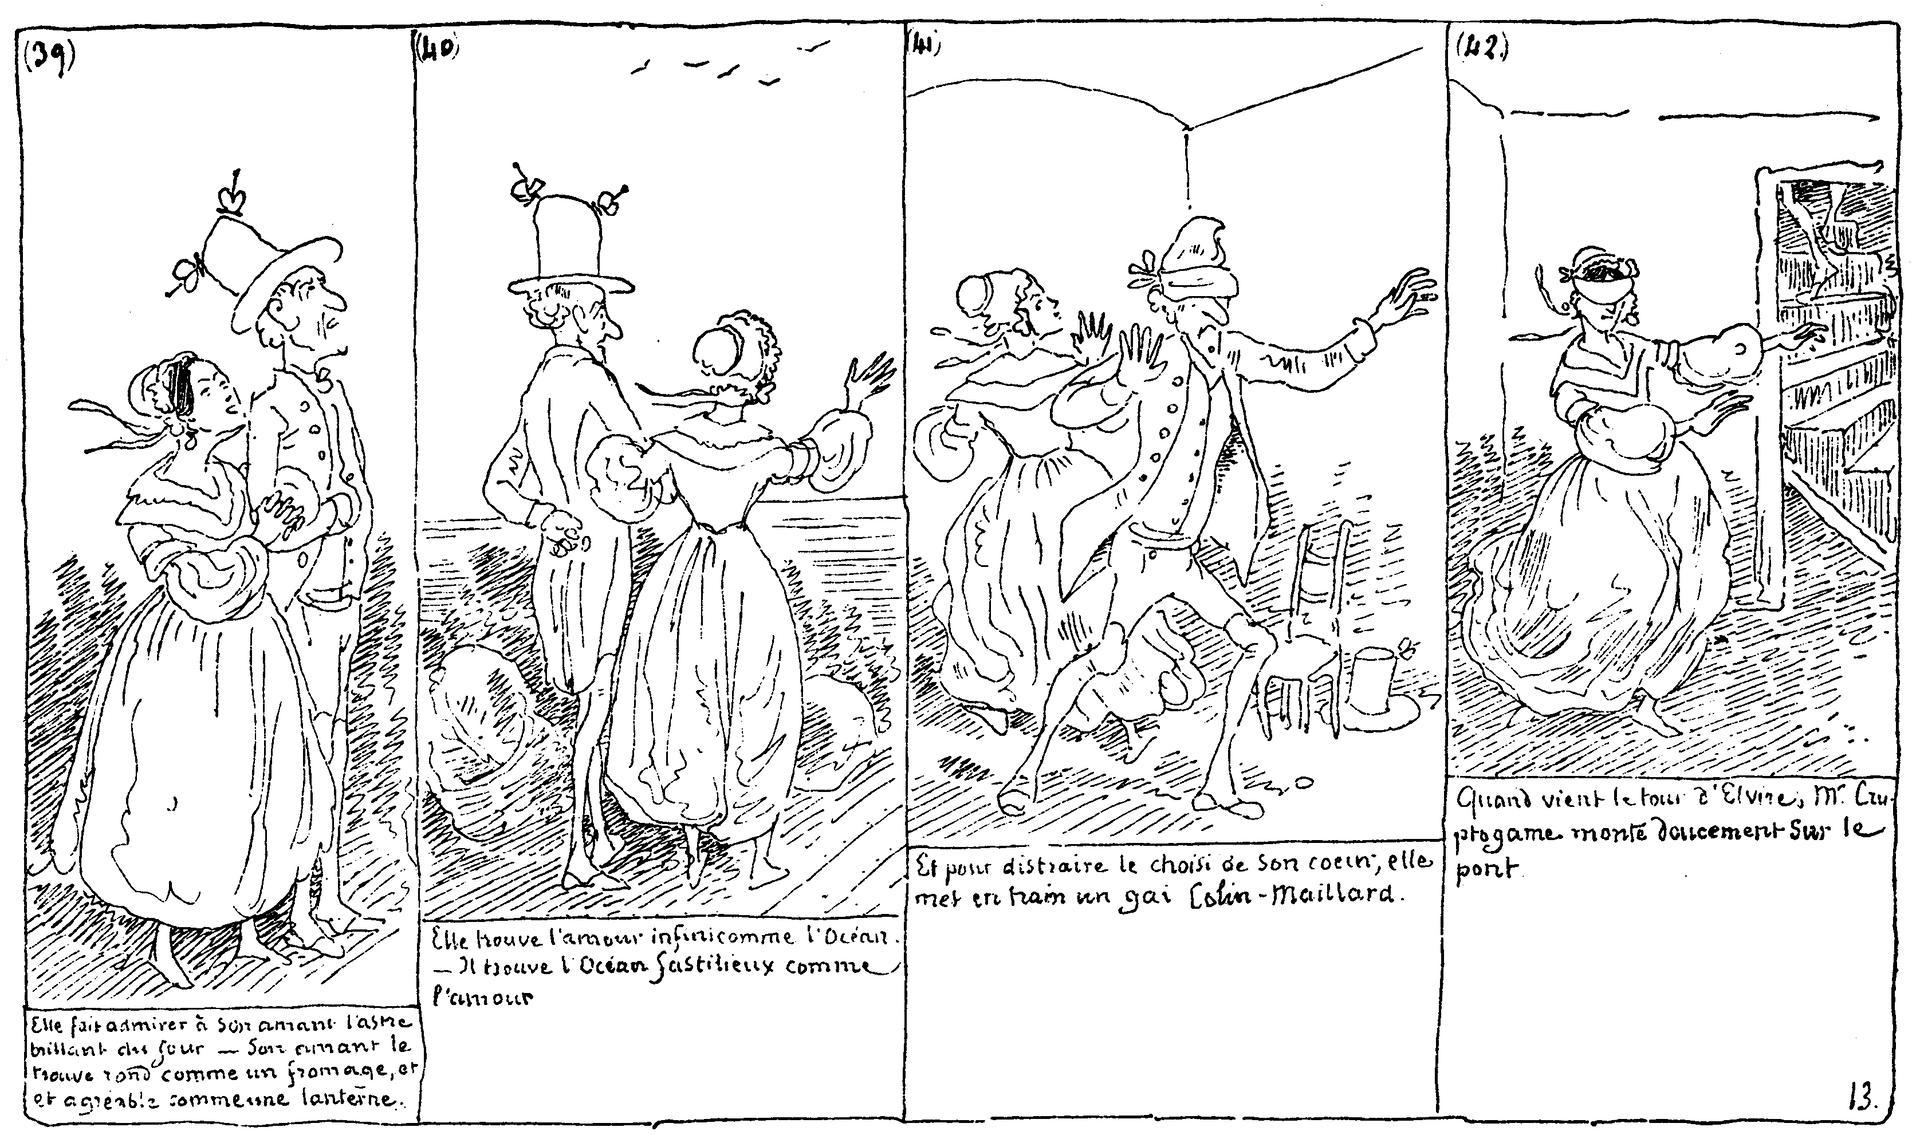 """Ilustracja przedstawia fragment historyjki obrazkowej, autorstwa Rodolphe Topffera """"Histoire de Monsieur Cryptogame"""". Historyjka składa się zczterech czarno - białych obrazków. Na pierwszym widzimy, zprofilu, dwie osoby – idącą pod rękę parę. Na drugim obrazku widzimy tę samą parę od tyłu. Trzeci obrazek przedstawia zabawę wchowanego - para znajduje się wpomieszczeniu, mężczyzna ma zasłonięte oczy. Na czwartym obrazku zasłonięte oczy ma kobieta. Pod każdym obrazkiem umieszczony został tekst."""